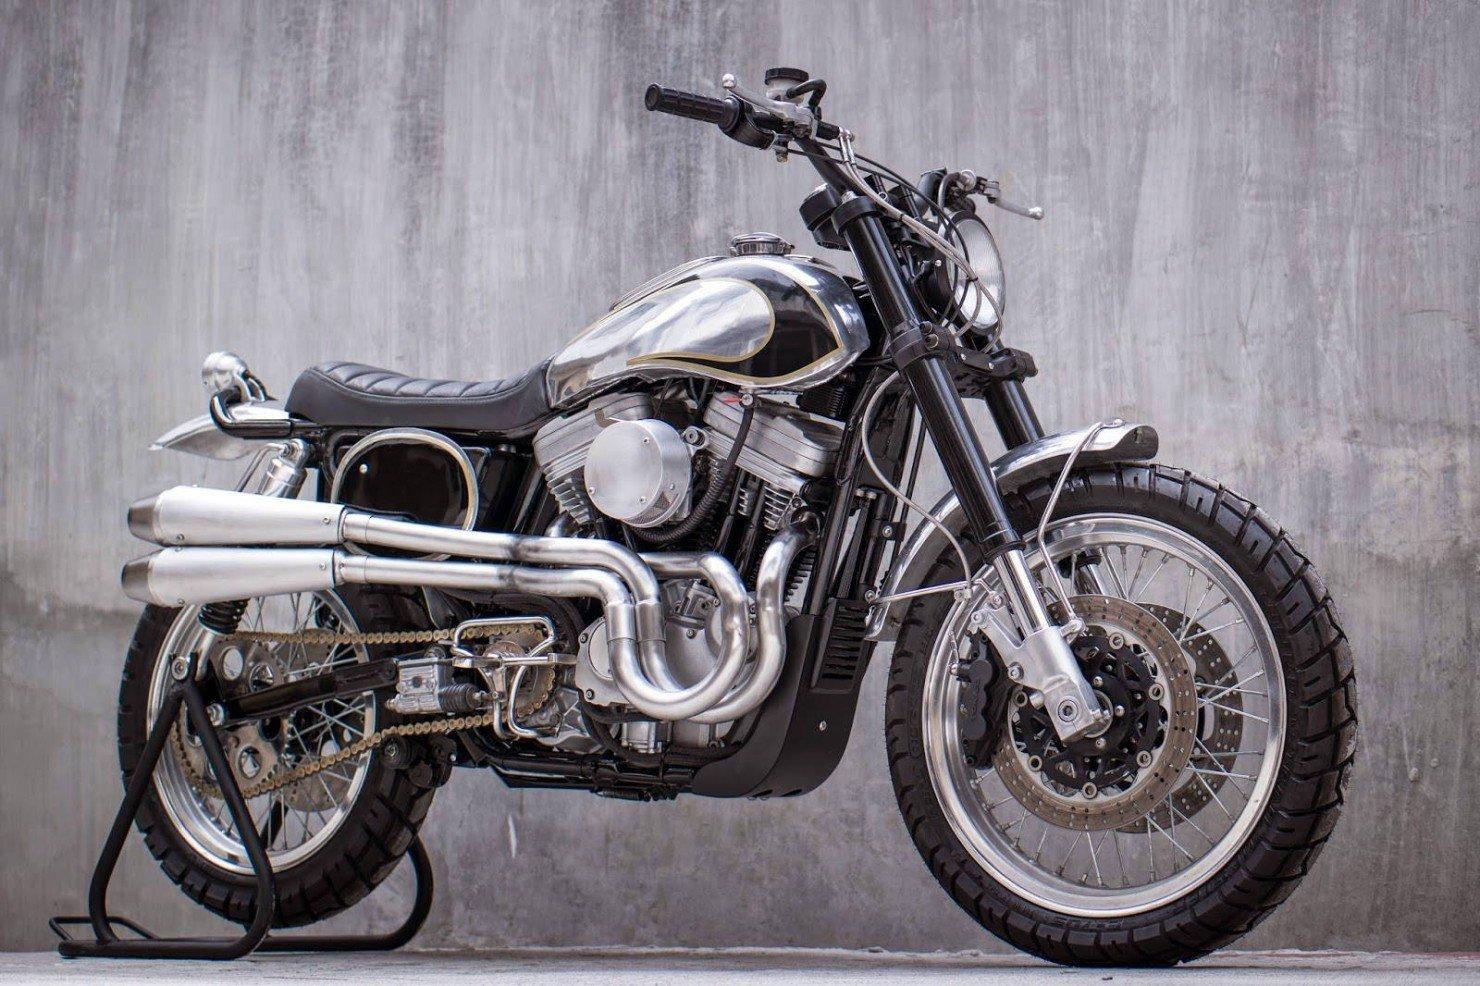 Harley-Davidson-Scrambler-Motorcycle-19